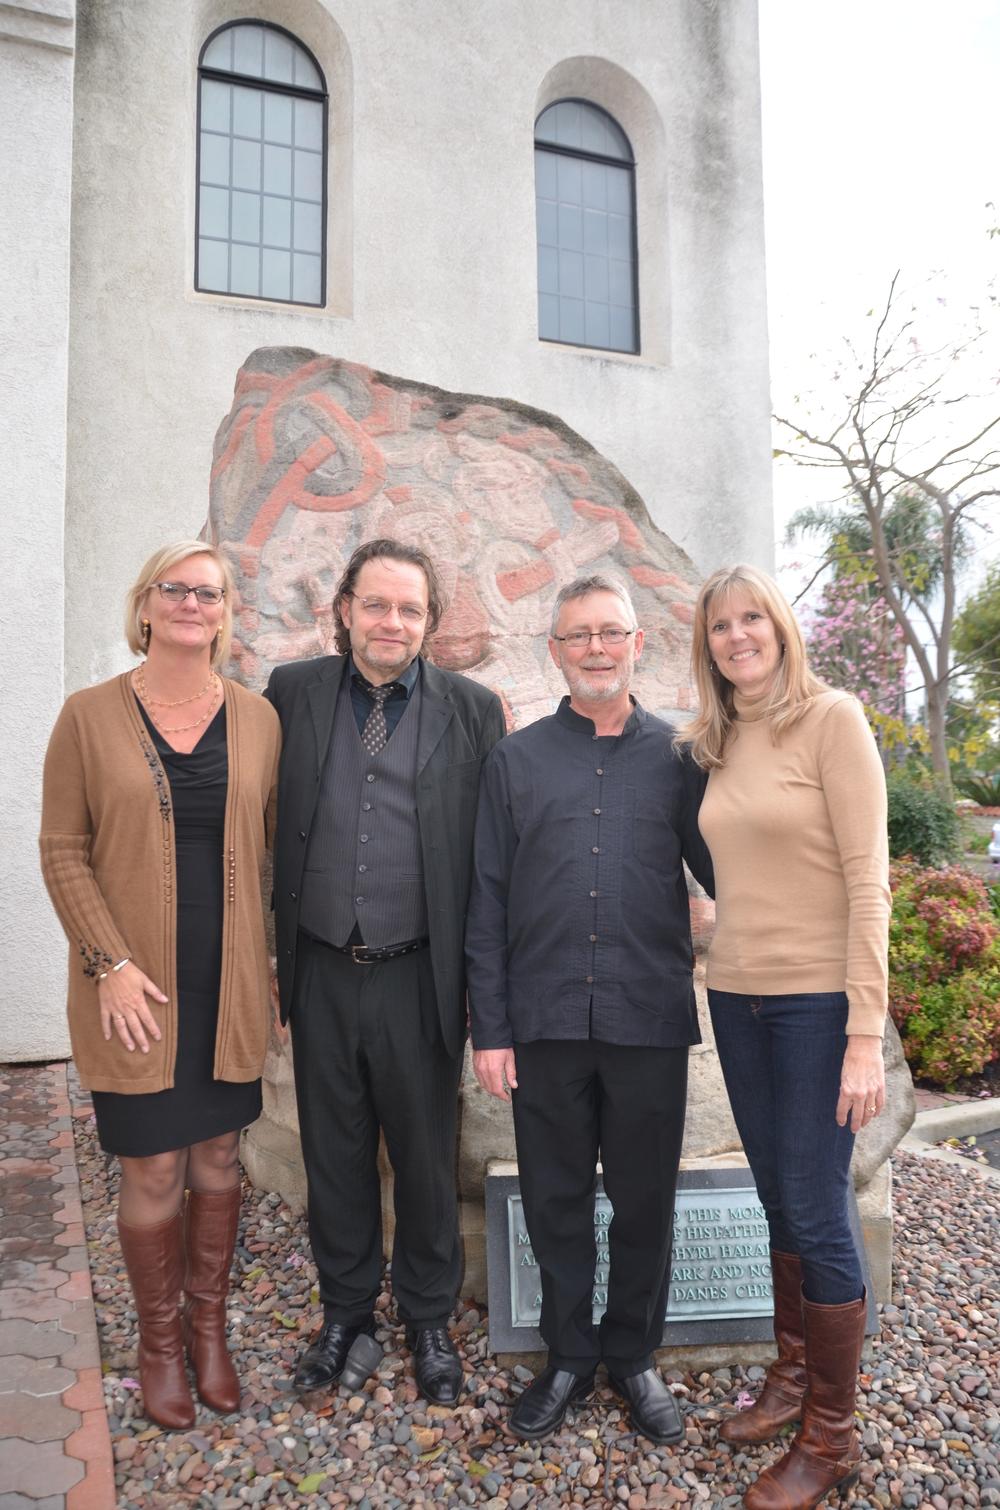 Pastor Anne-Grethe,  Jochen Brusch, Sven-Ingvart Mikkelsen, Anna-Lisa